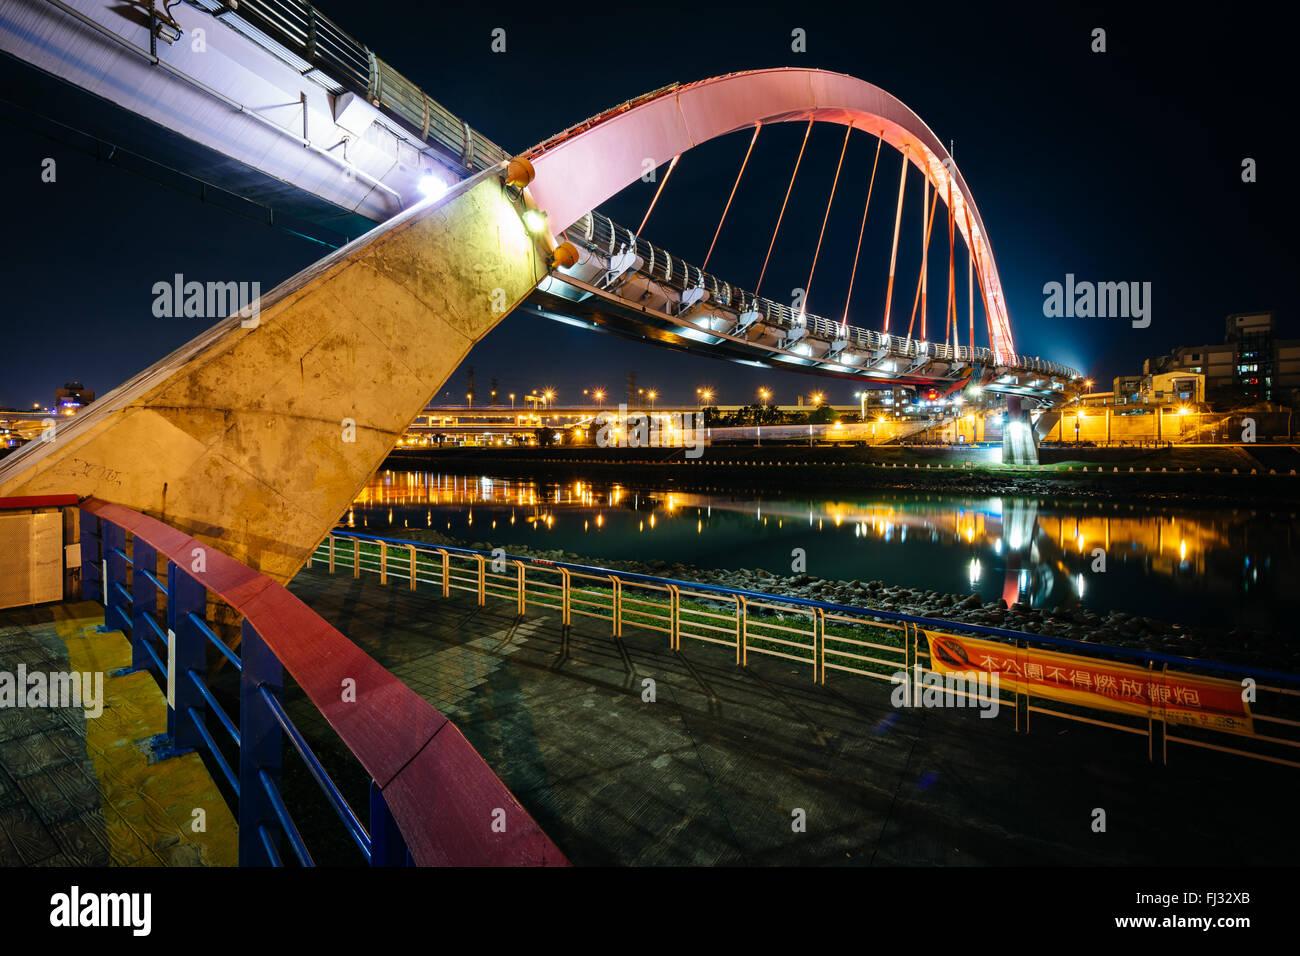 El Puente Arco Iris en la noche, en Taipei, Taiwán. Imagen De Stock